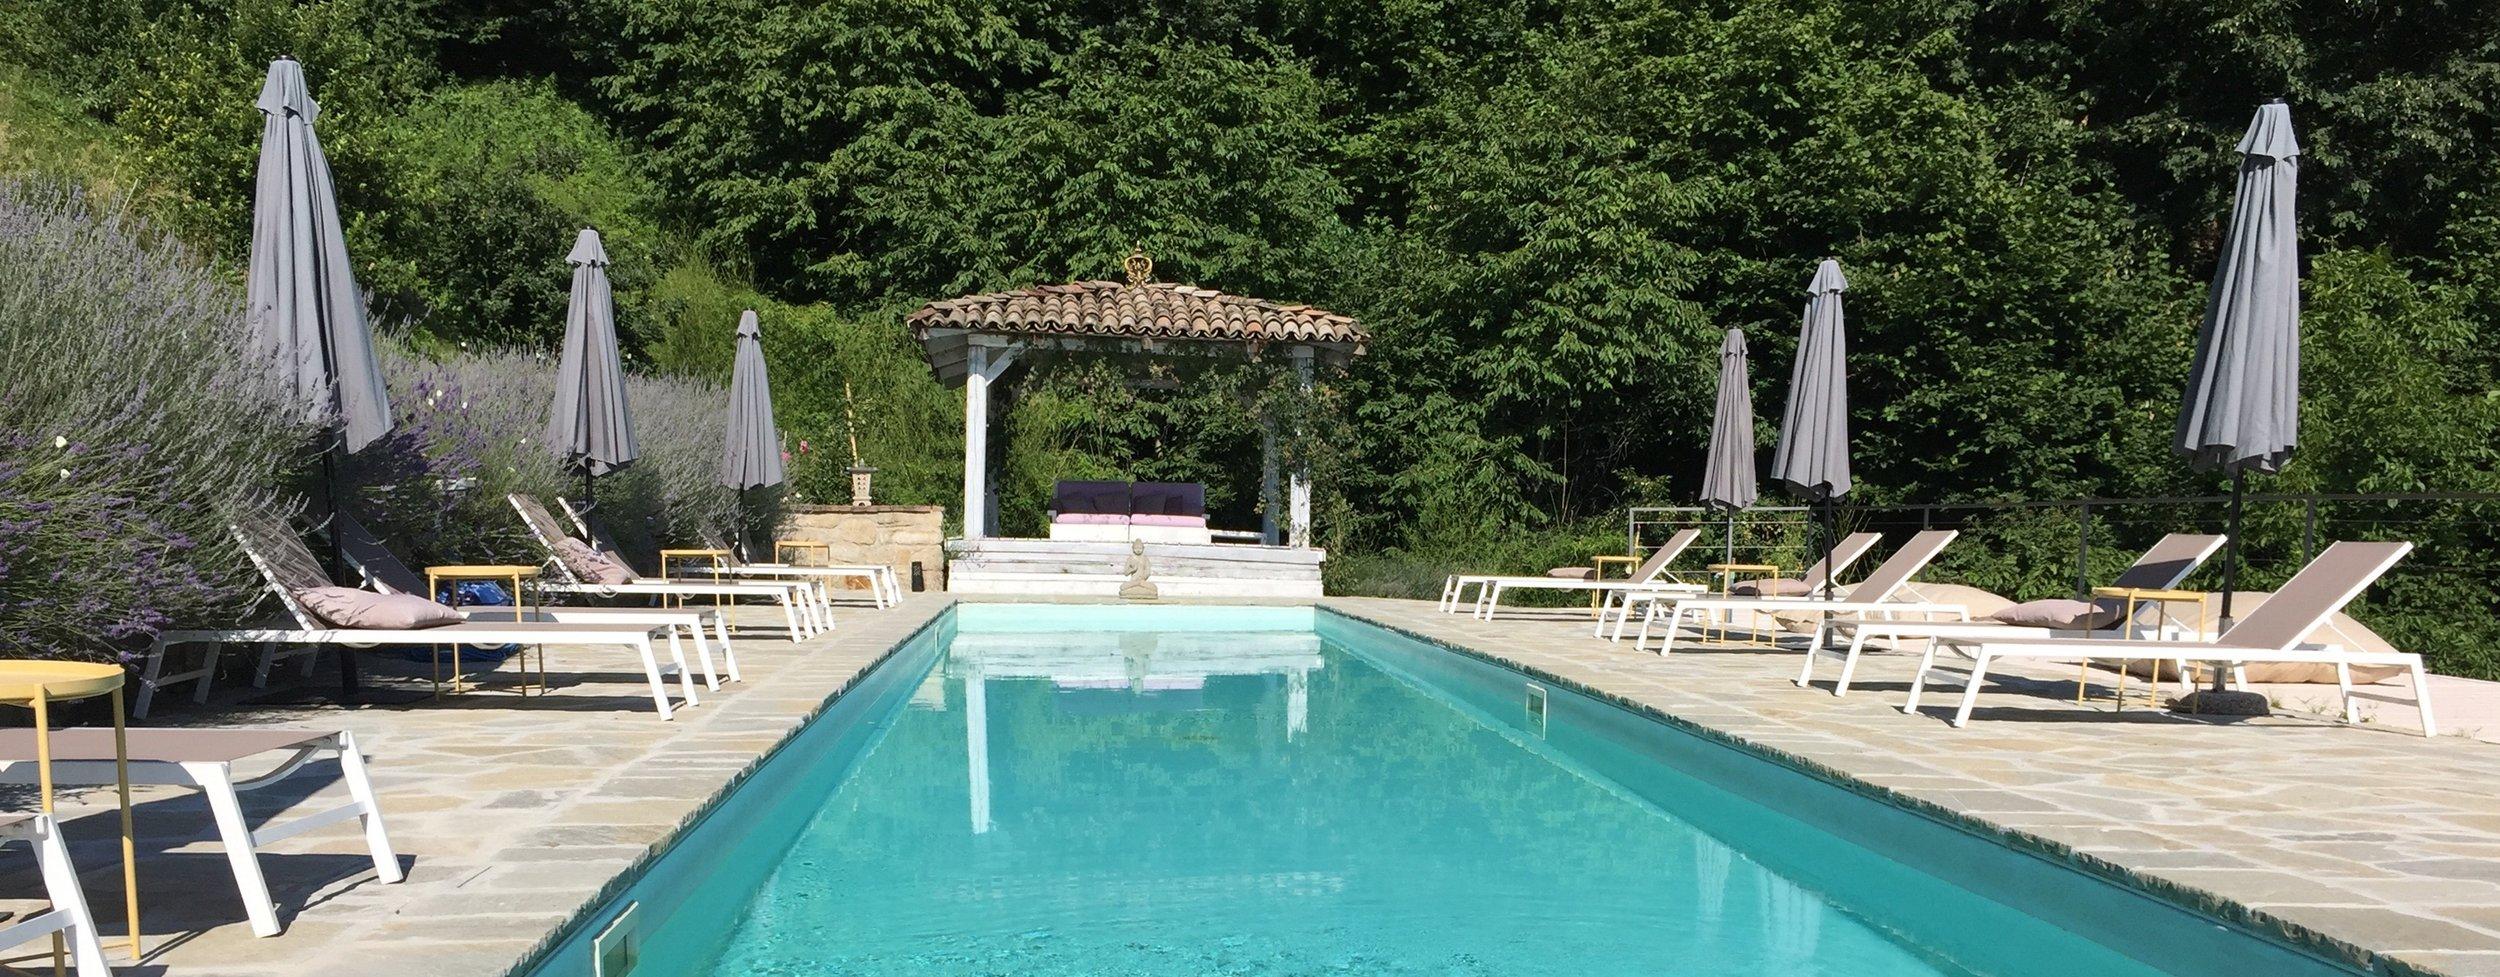 1280 piscina.jpg